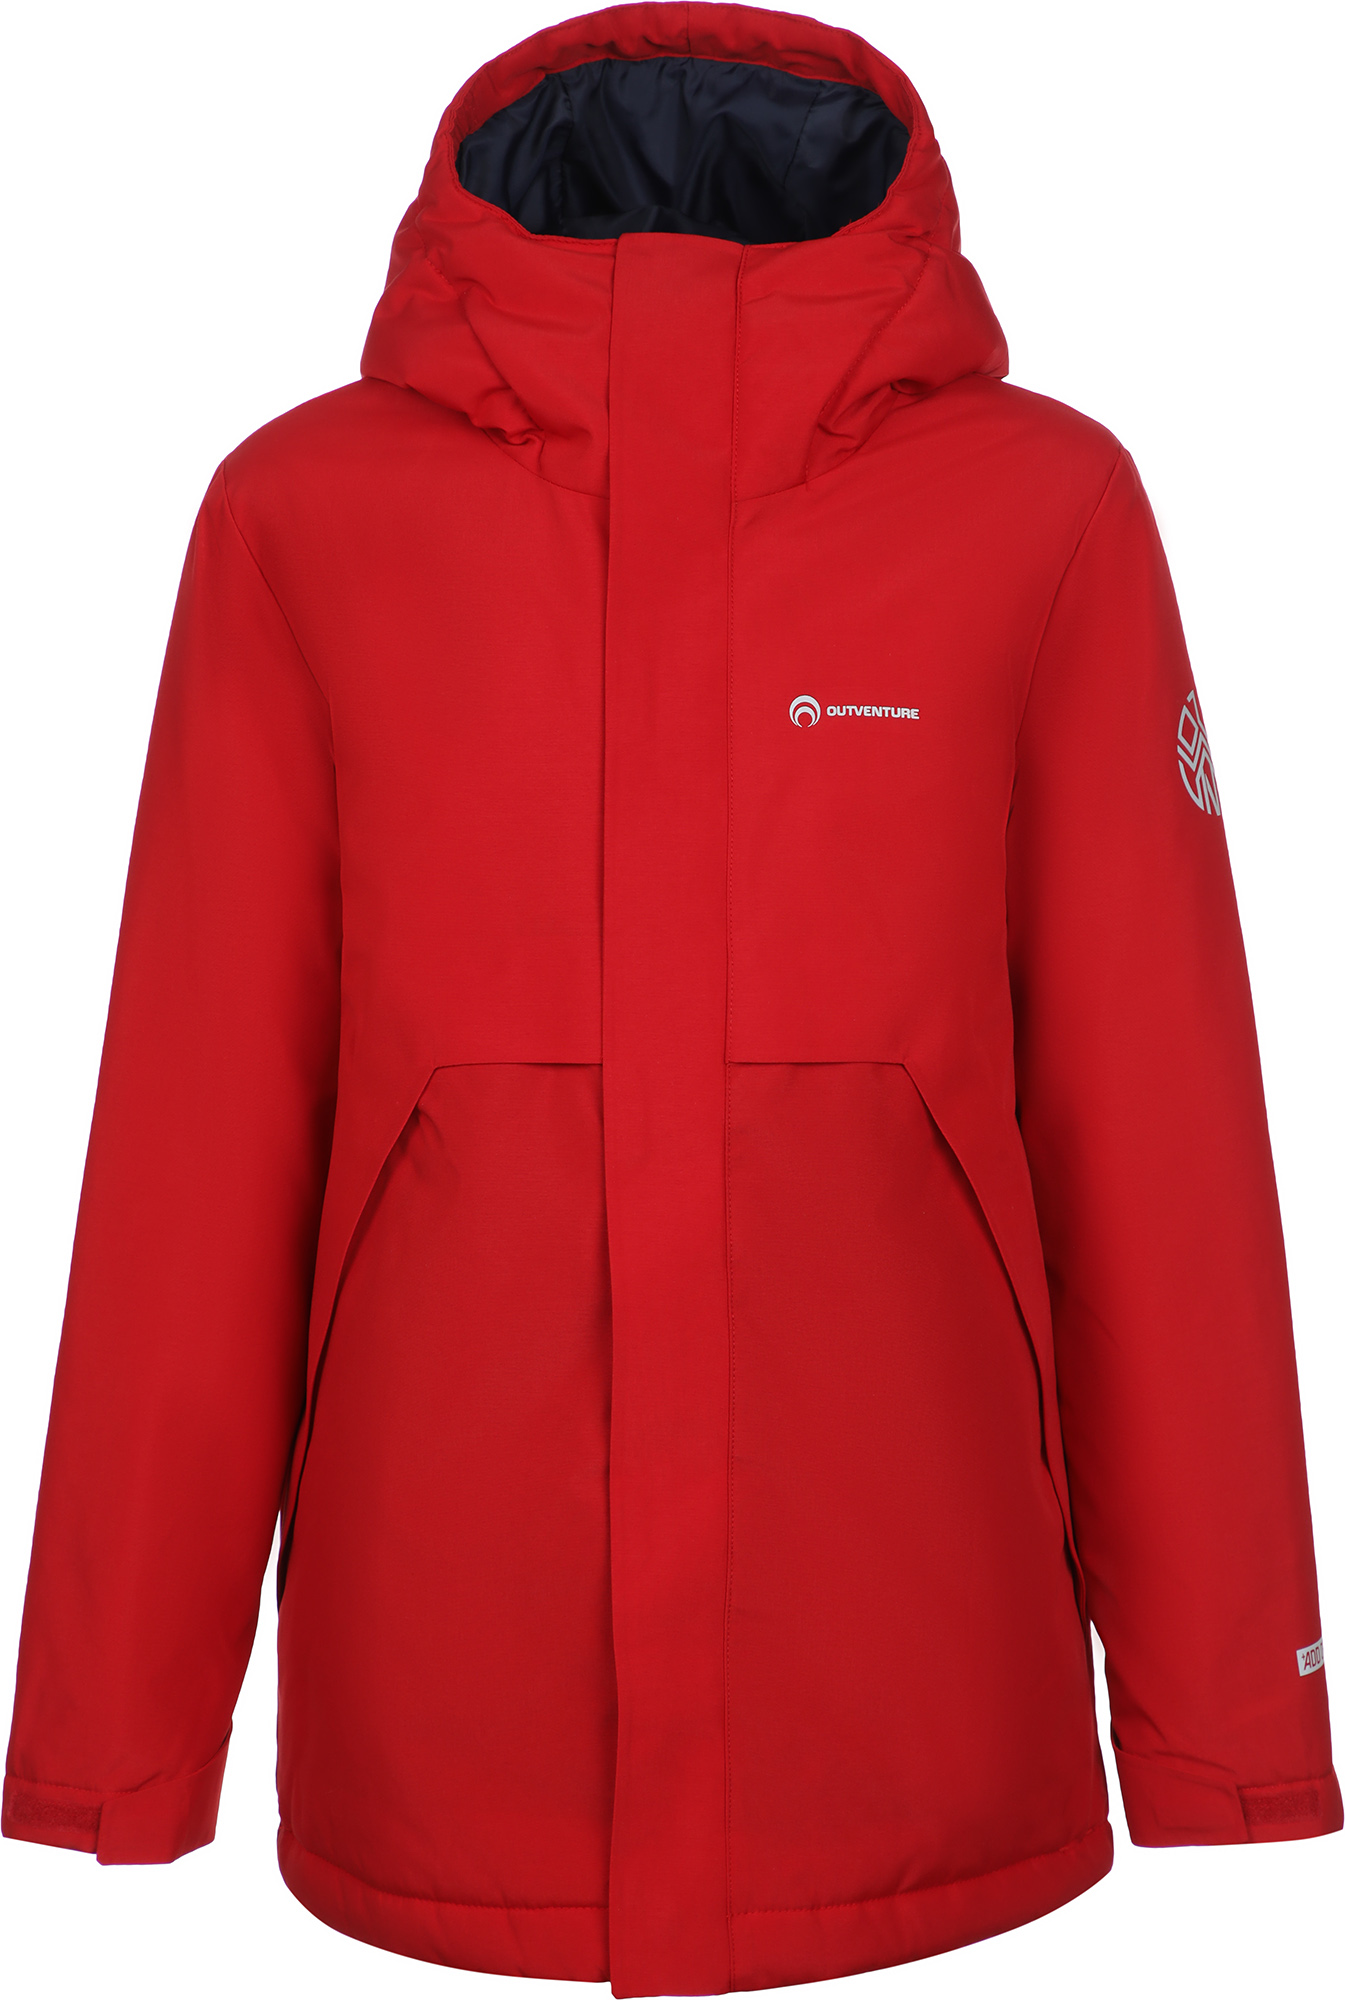 Фото - Outventure Куртка утепленная для мальчиков Outventure, размер 152 outventure куртка утепленная для девочек outventure размер 134